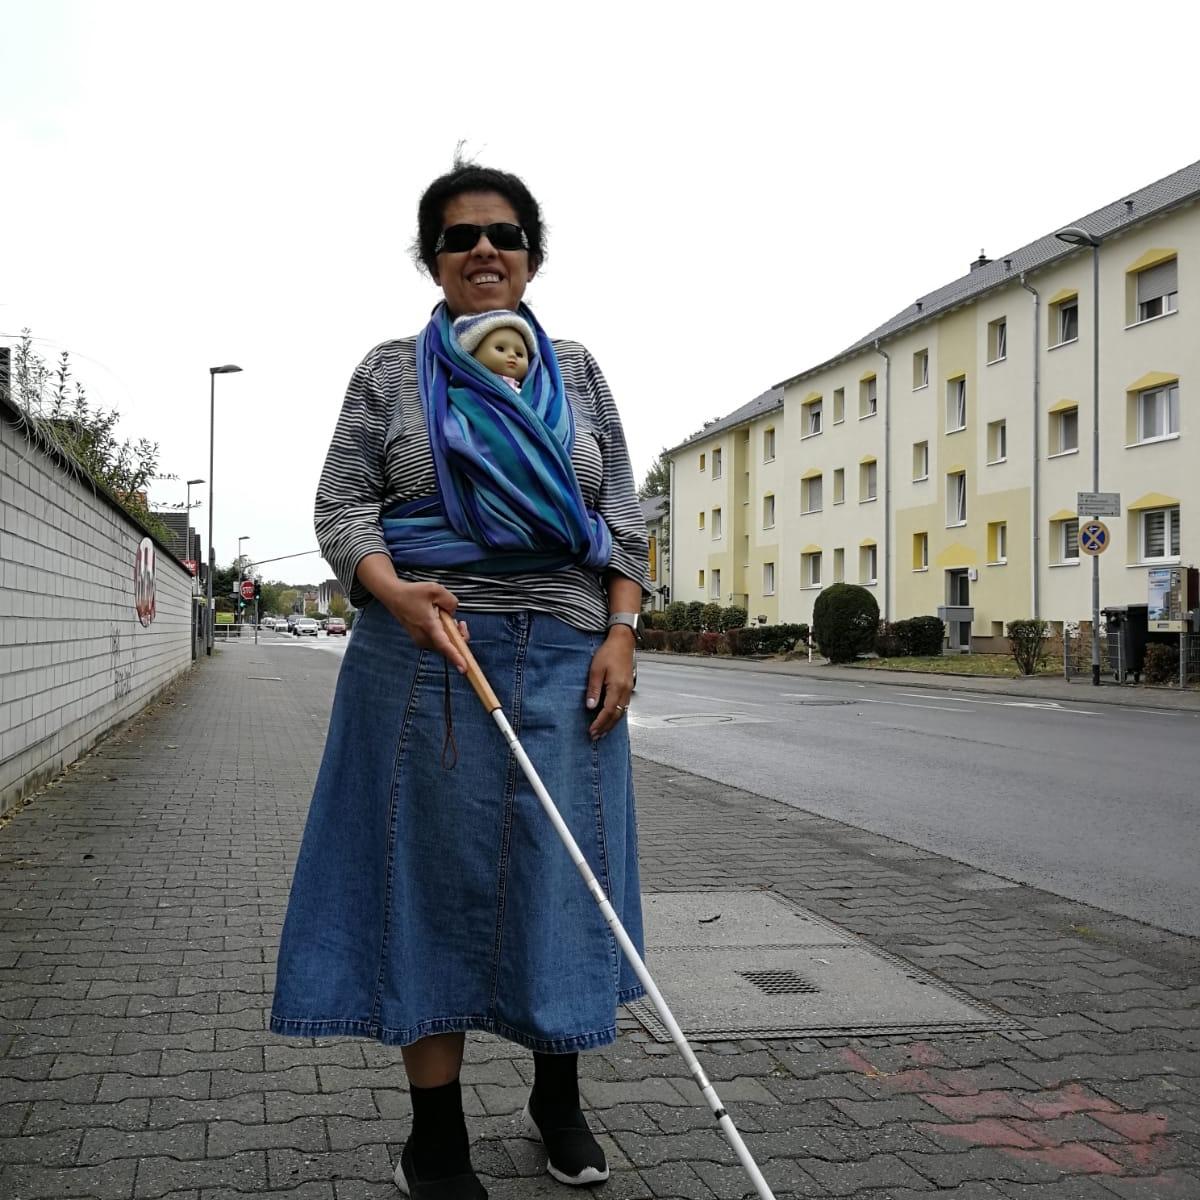 Lydia läuft mit Puppe im Tragetuch und Blindenstock eine Straße entlang.